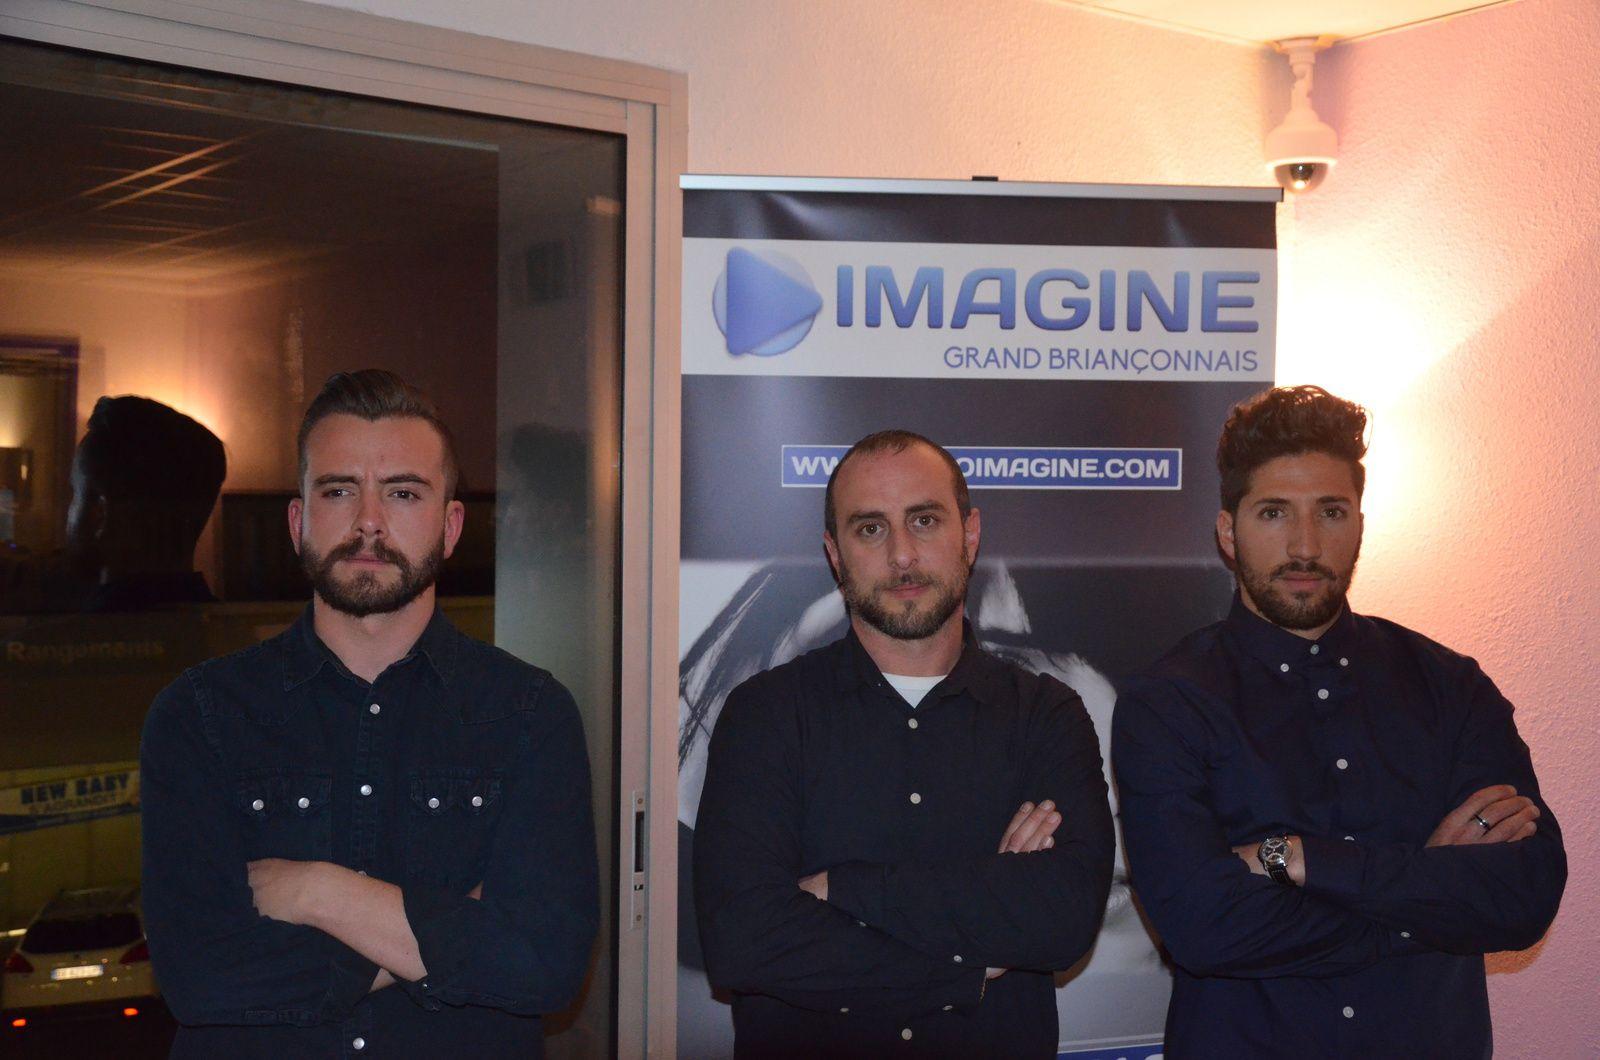 Le trio Consortium avec de gauche à droite Mike, Magi et Damien